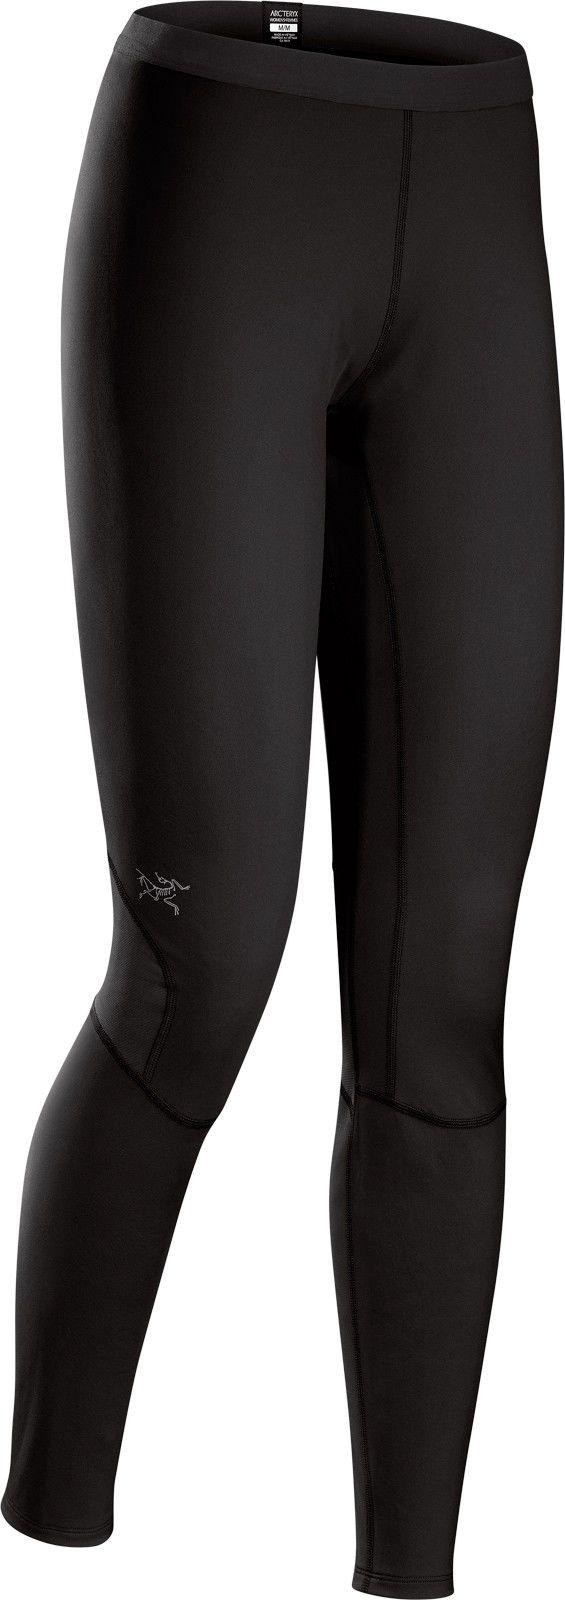 Arcteryx W Phase AR Bottom | Größe XS,S,M,L | Damen Unterwäsche